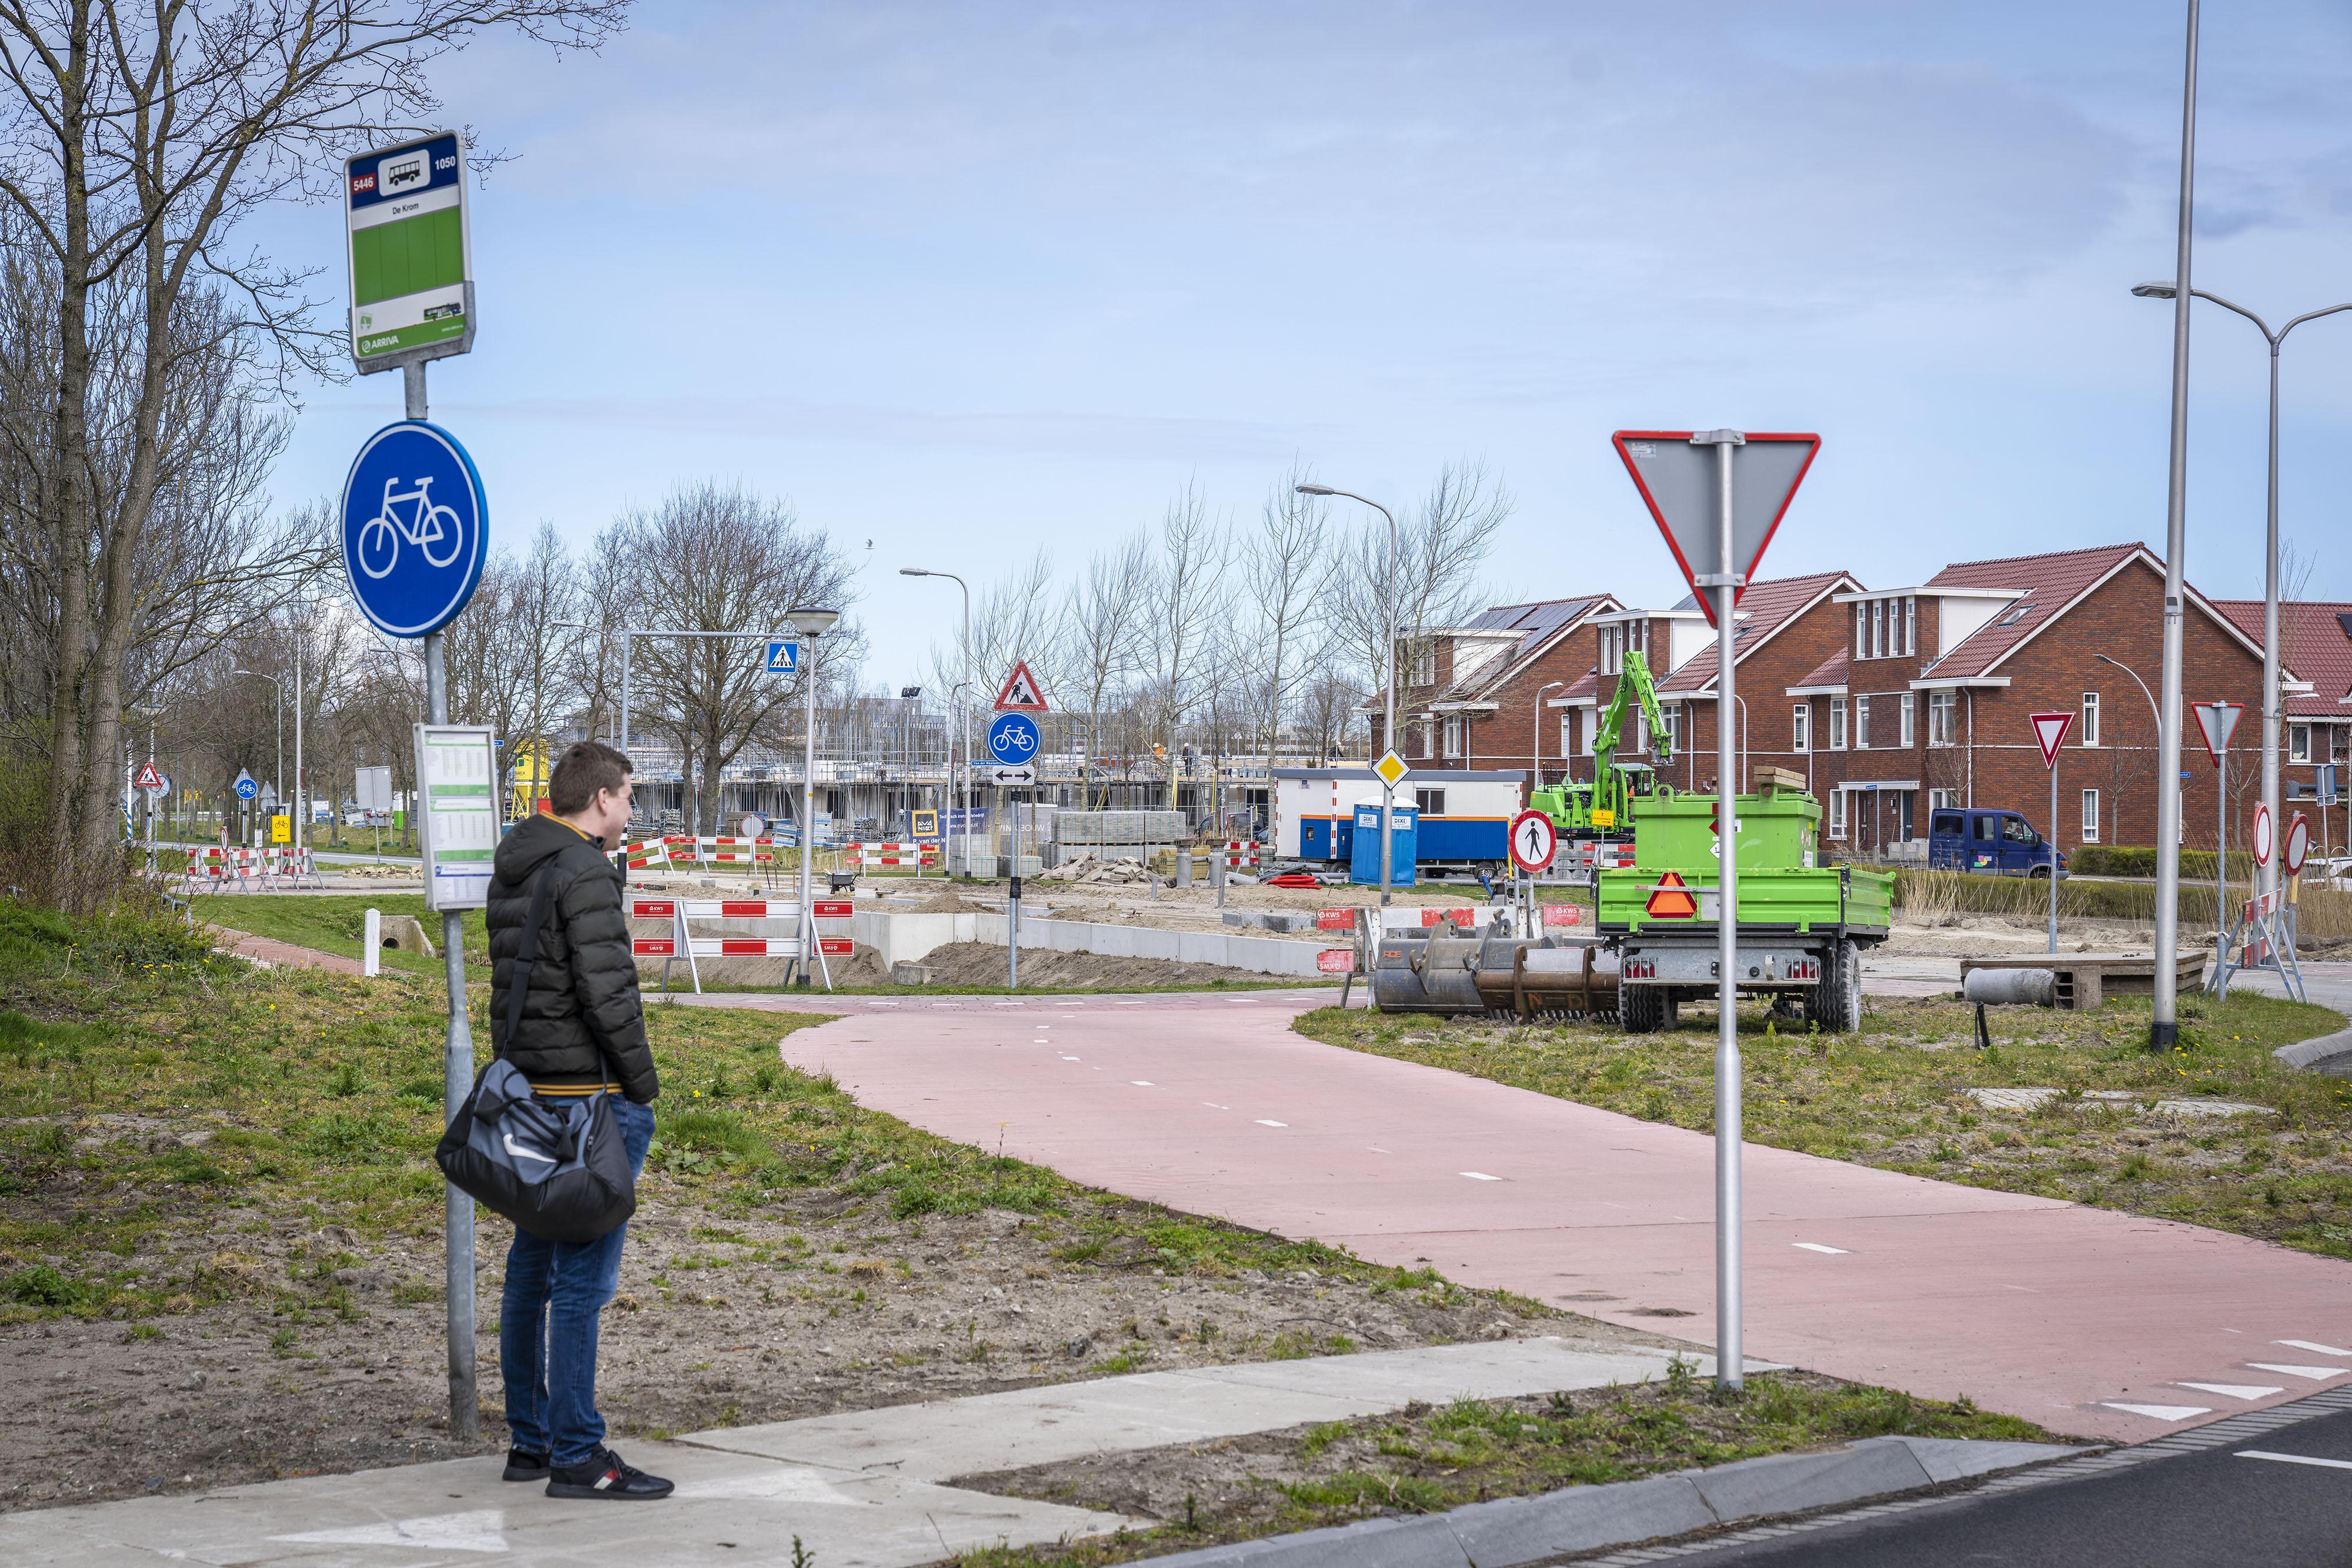 Omwonenden krijgen hun zin: aanleg Katwijkse R-nethalte bij sportpark De Krom gaat gepaard met verandering verkeerssituatie